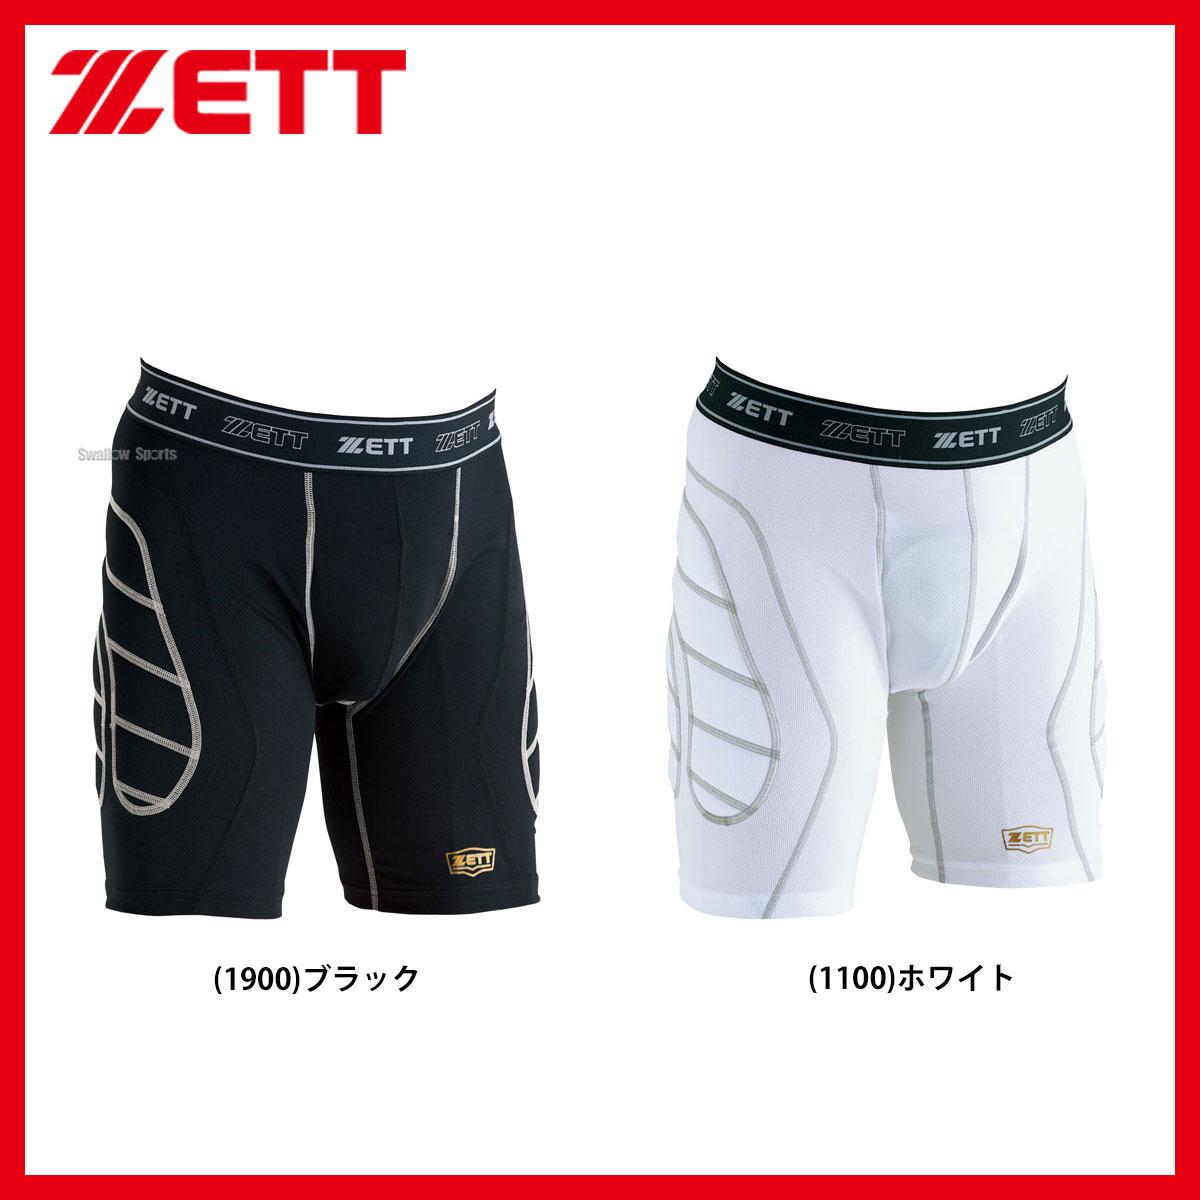 【あす楽対応】 ゼット ZETT スライディング パンツ BP23 ウエア ウェア アンダーシャツ ZETT 野球部 ランニング 野球用品 スワロースポーツ